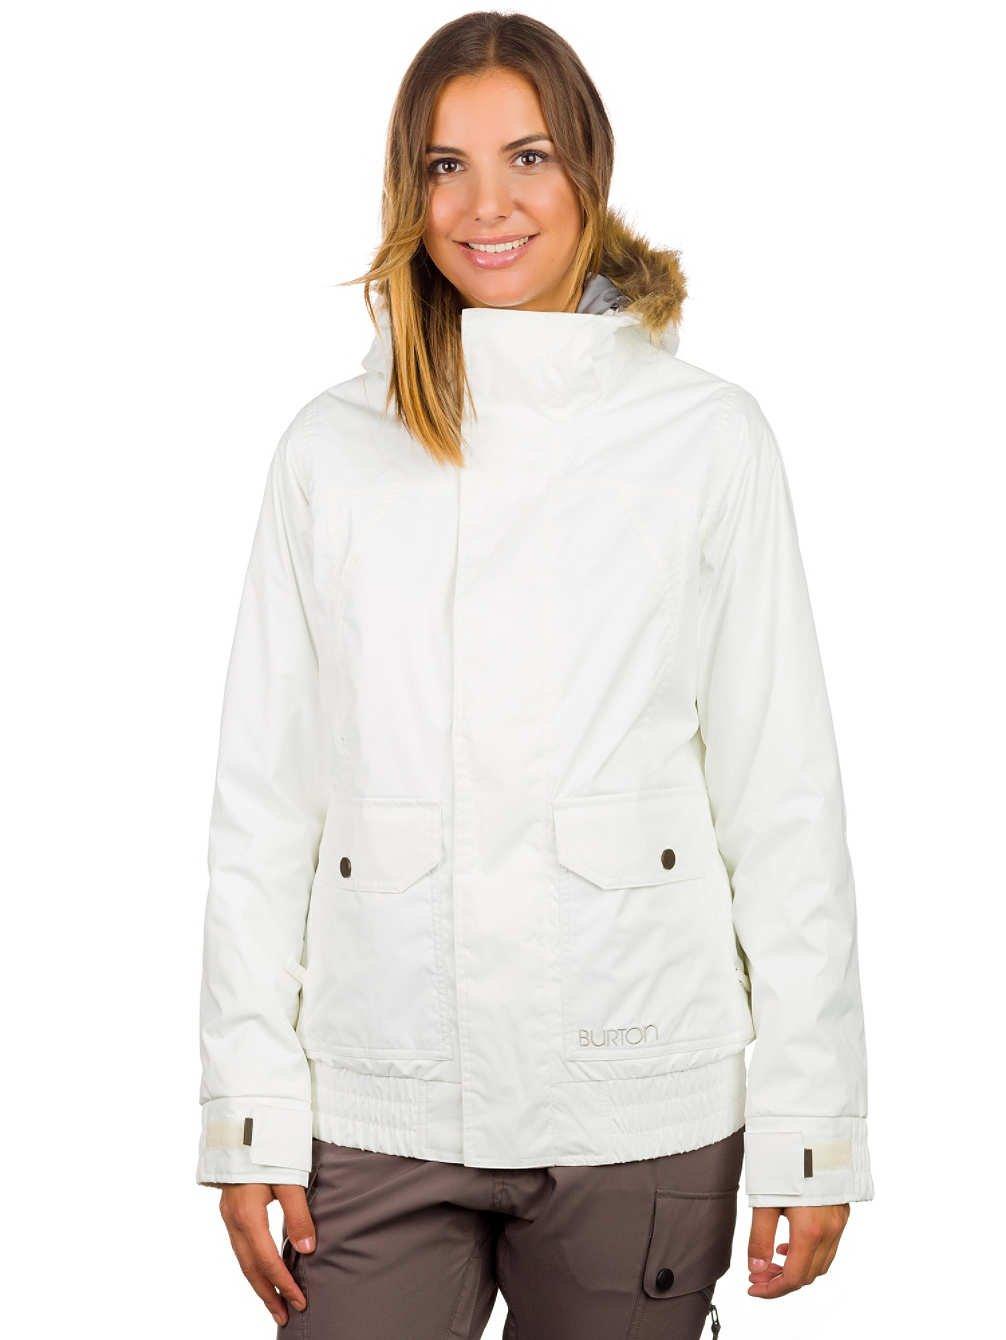 Burton Damen Snowboardjacke WB Trinity Jacket